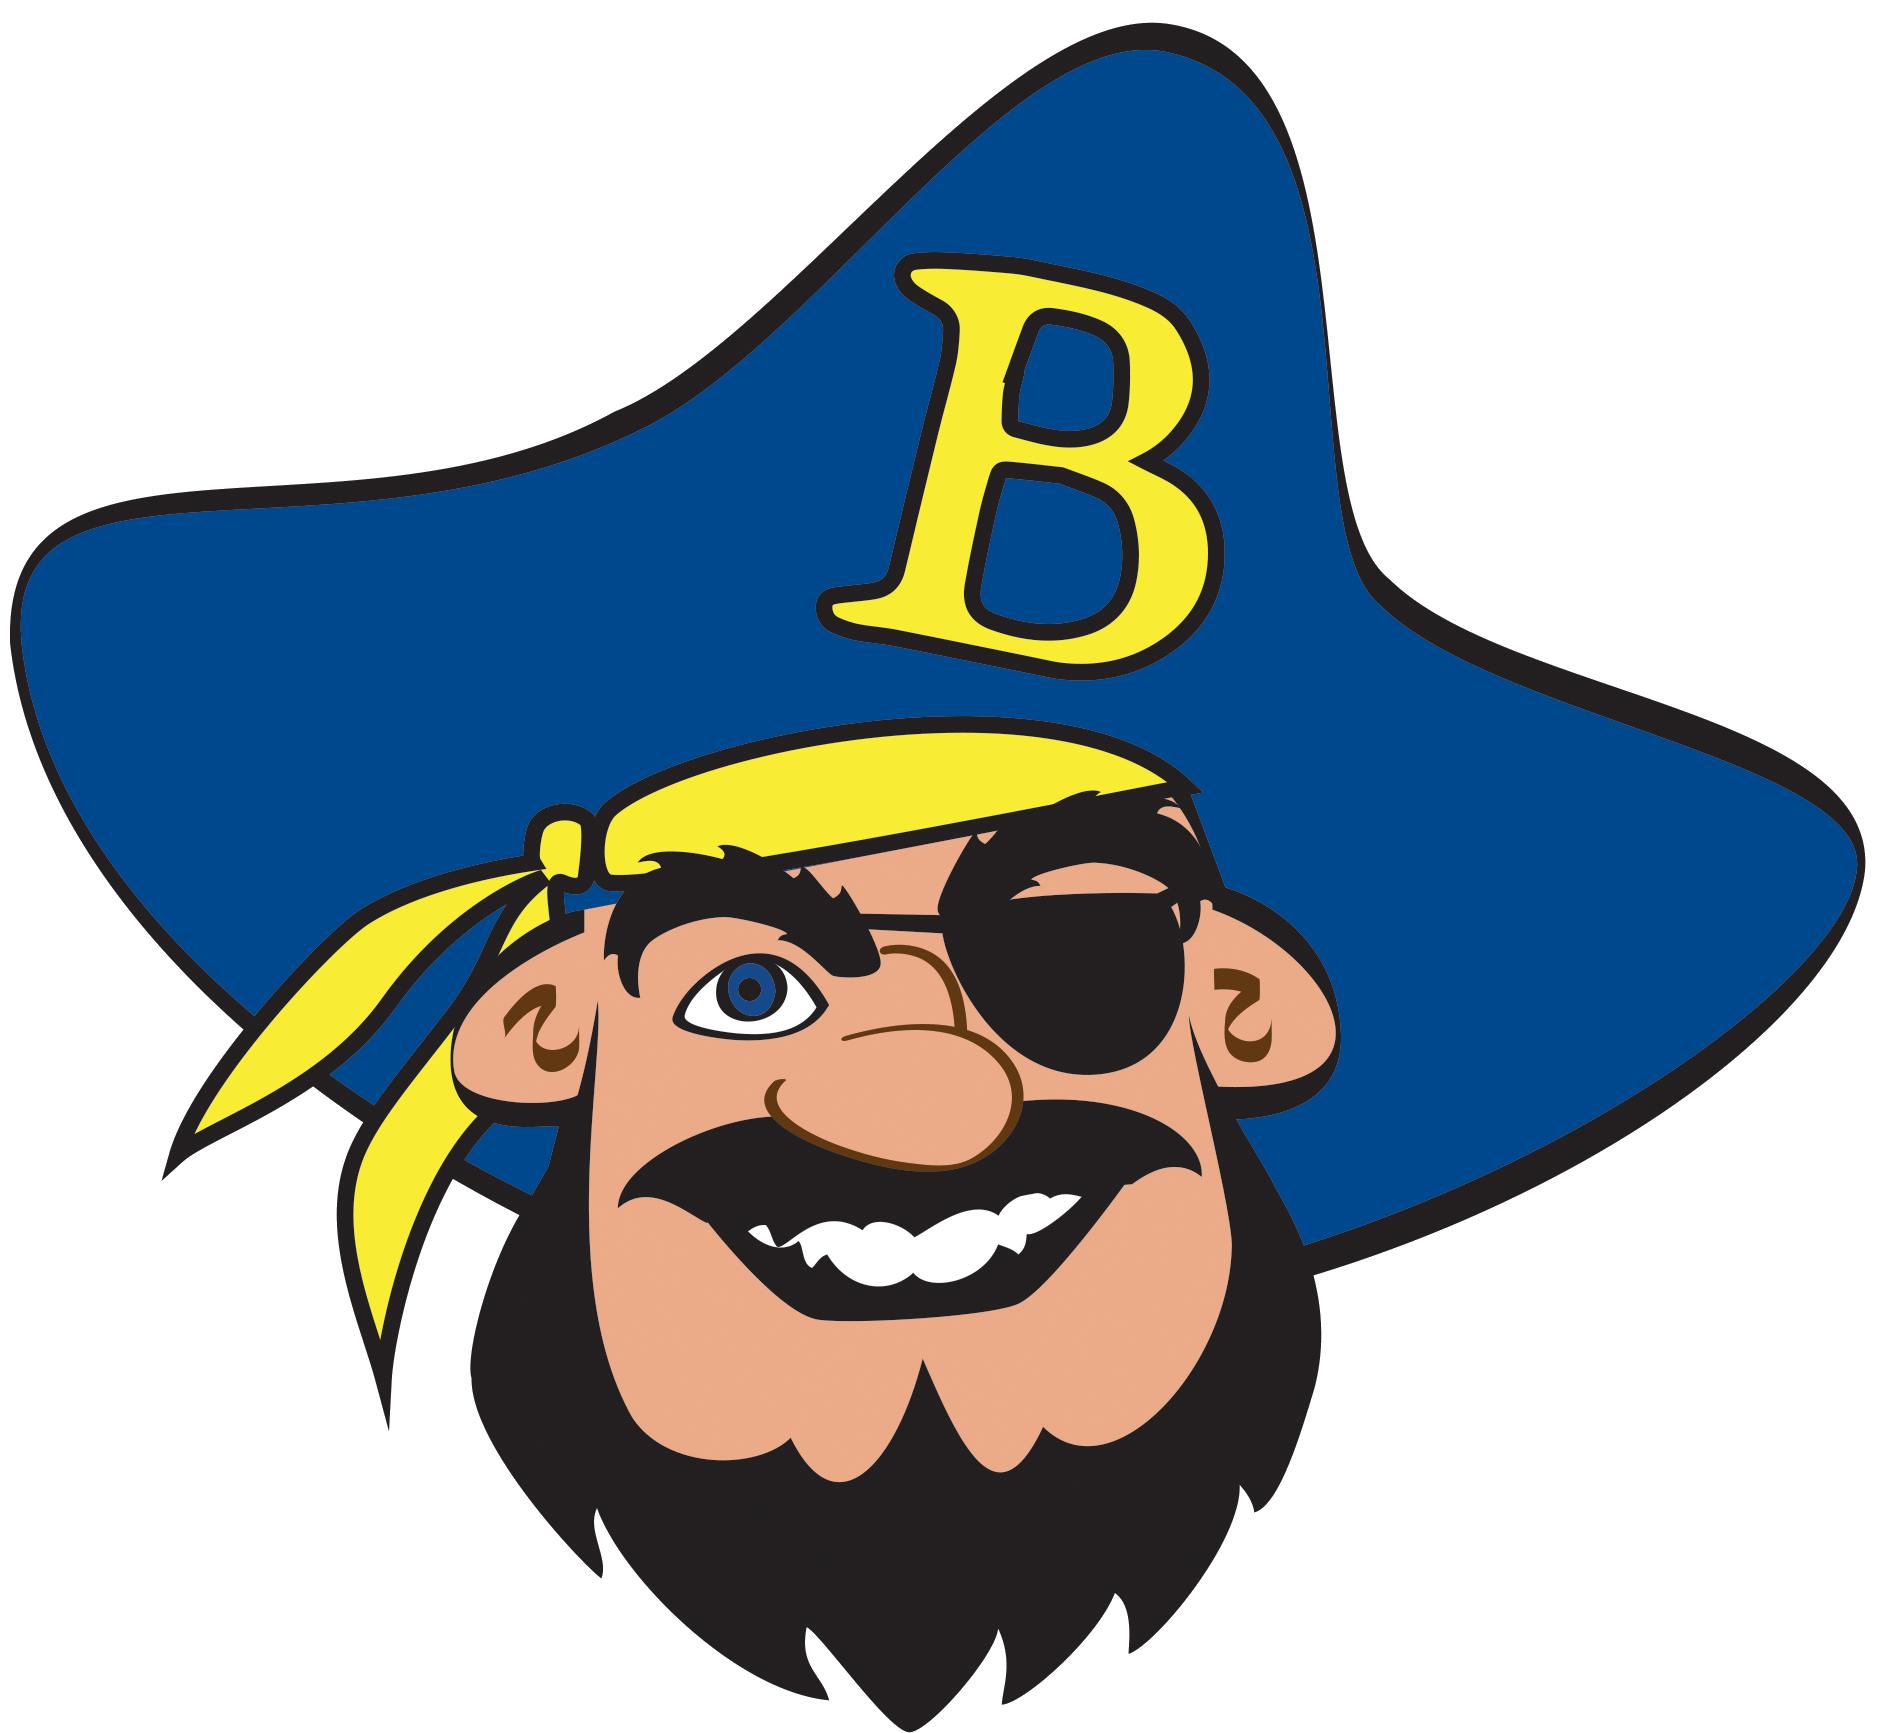 vector free download Fourth grade teachers burnet. Beard clipart cotton ball